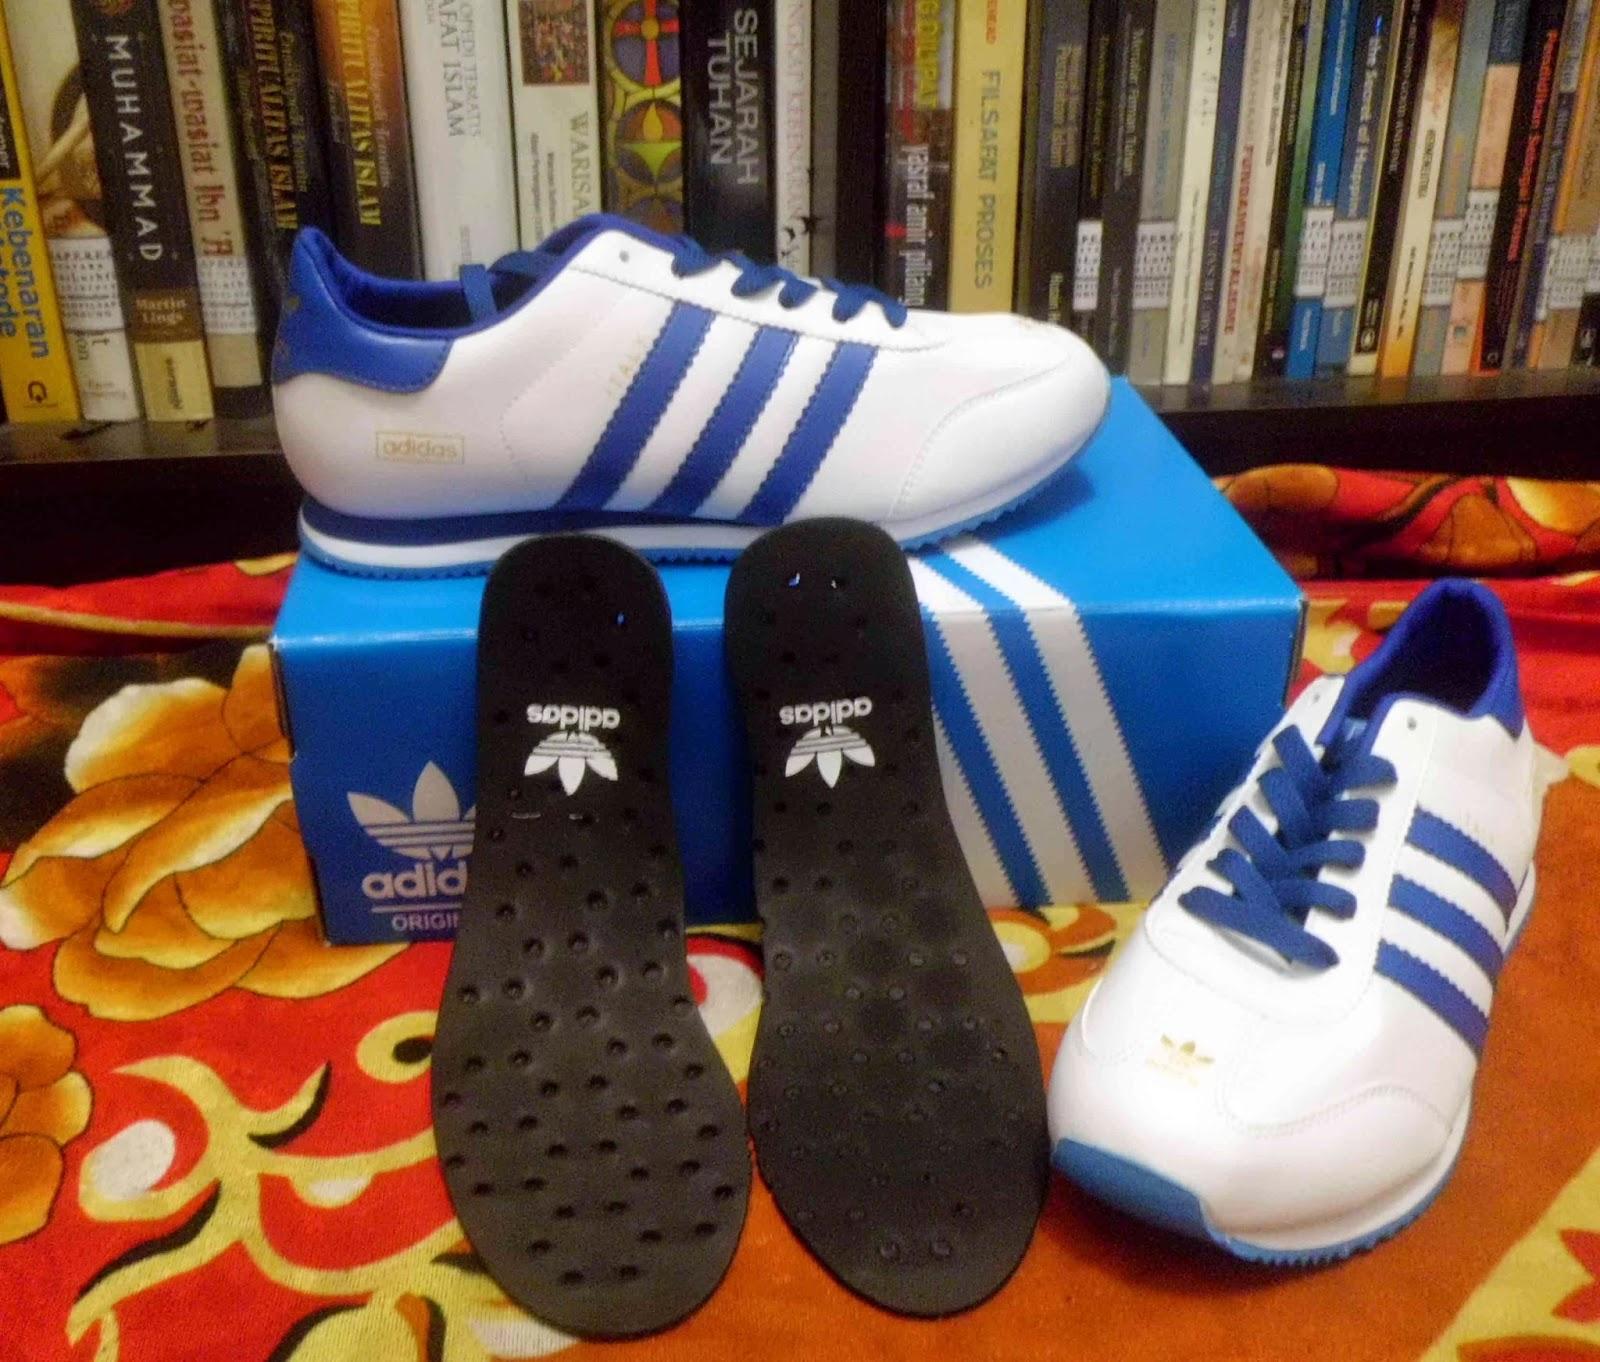 Toko Sepatu Online | Pria dan wanita | Boots Murah: April 2014